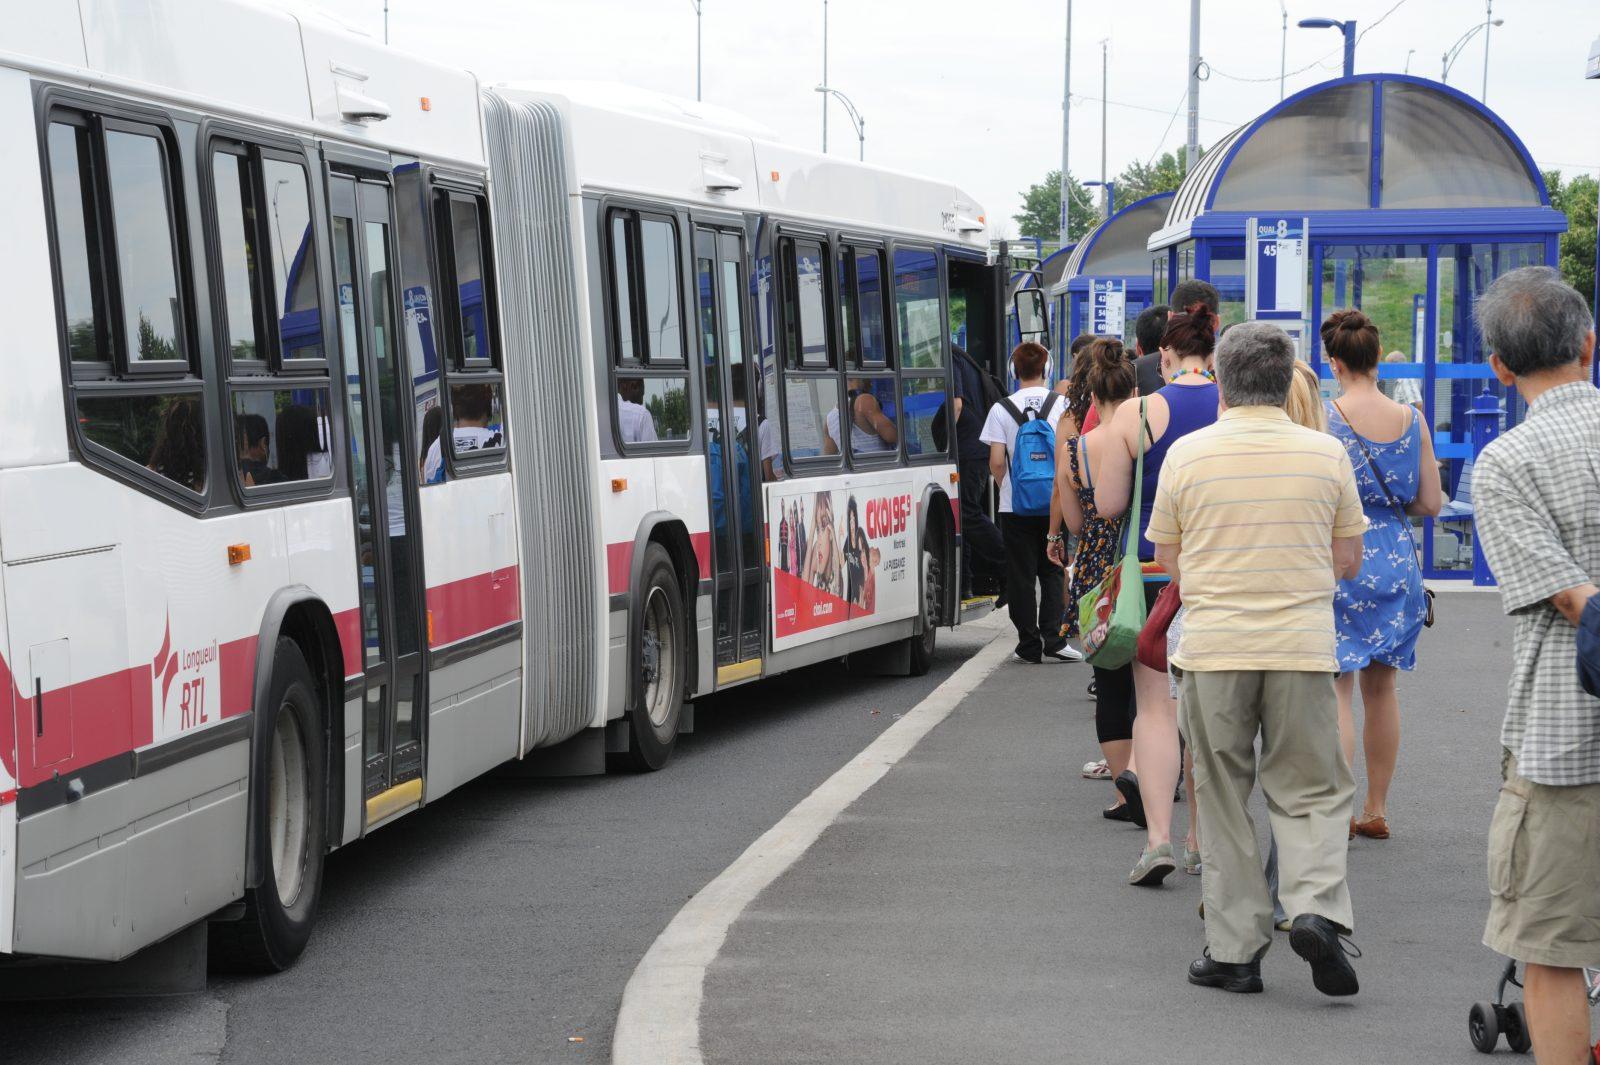 Retour de l'embarquement par la porte avant et de la perception dans les bus du RTL